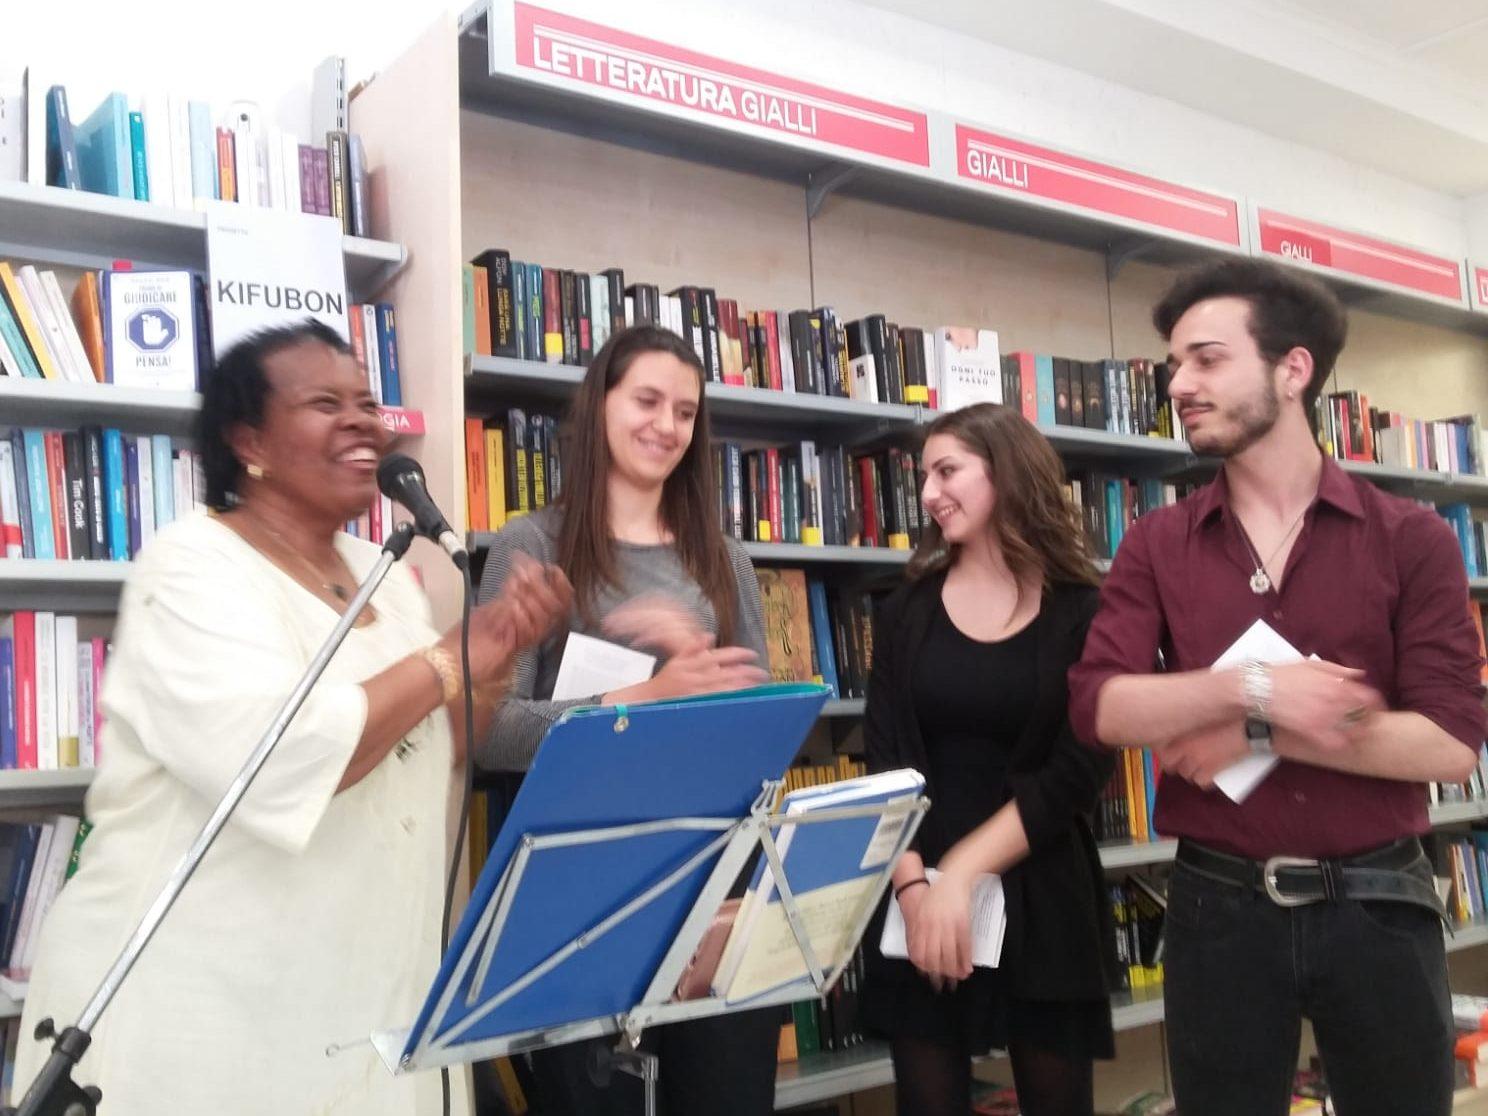 Kifubon Tour al Mondadori Bookstore di Nettuno